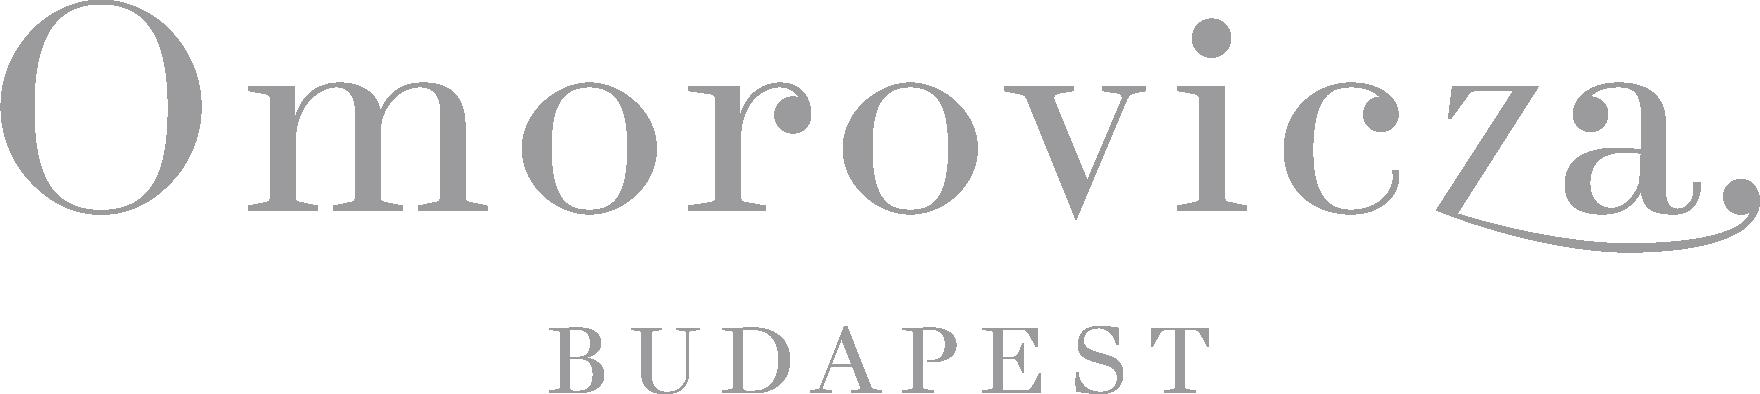 Omorovicza オモロヴィッツァ 公式オンラインショップ